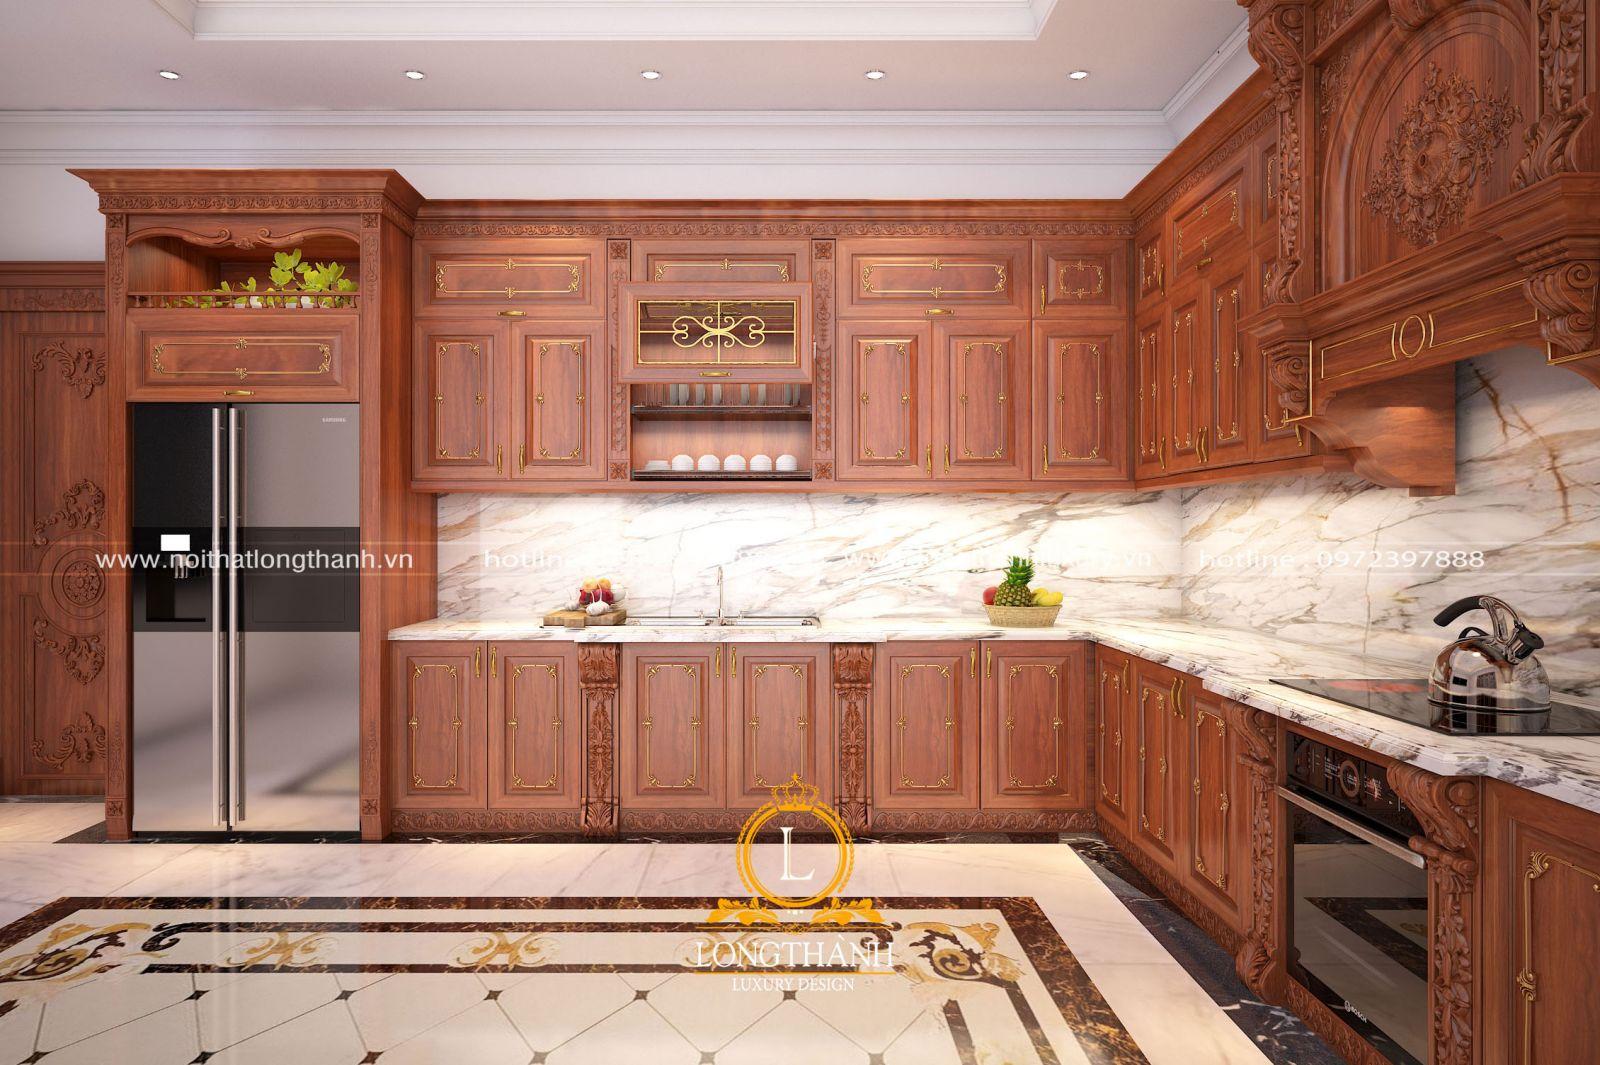 Màu sắc tủ bếp gỗ Gõ đem đến cho không gian sự ấm cúng